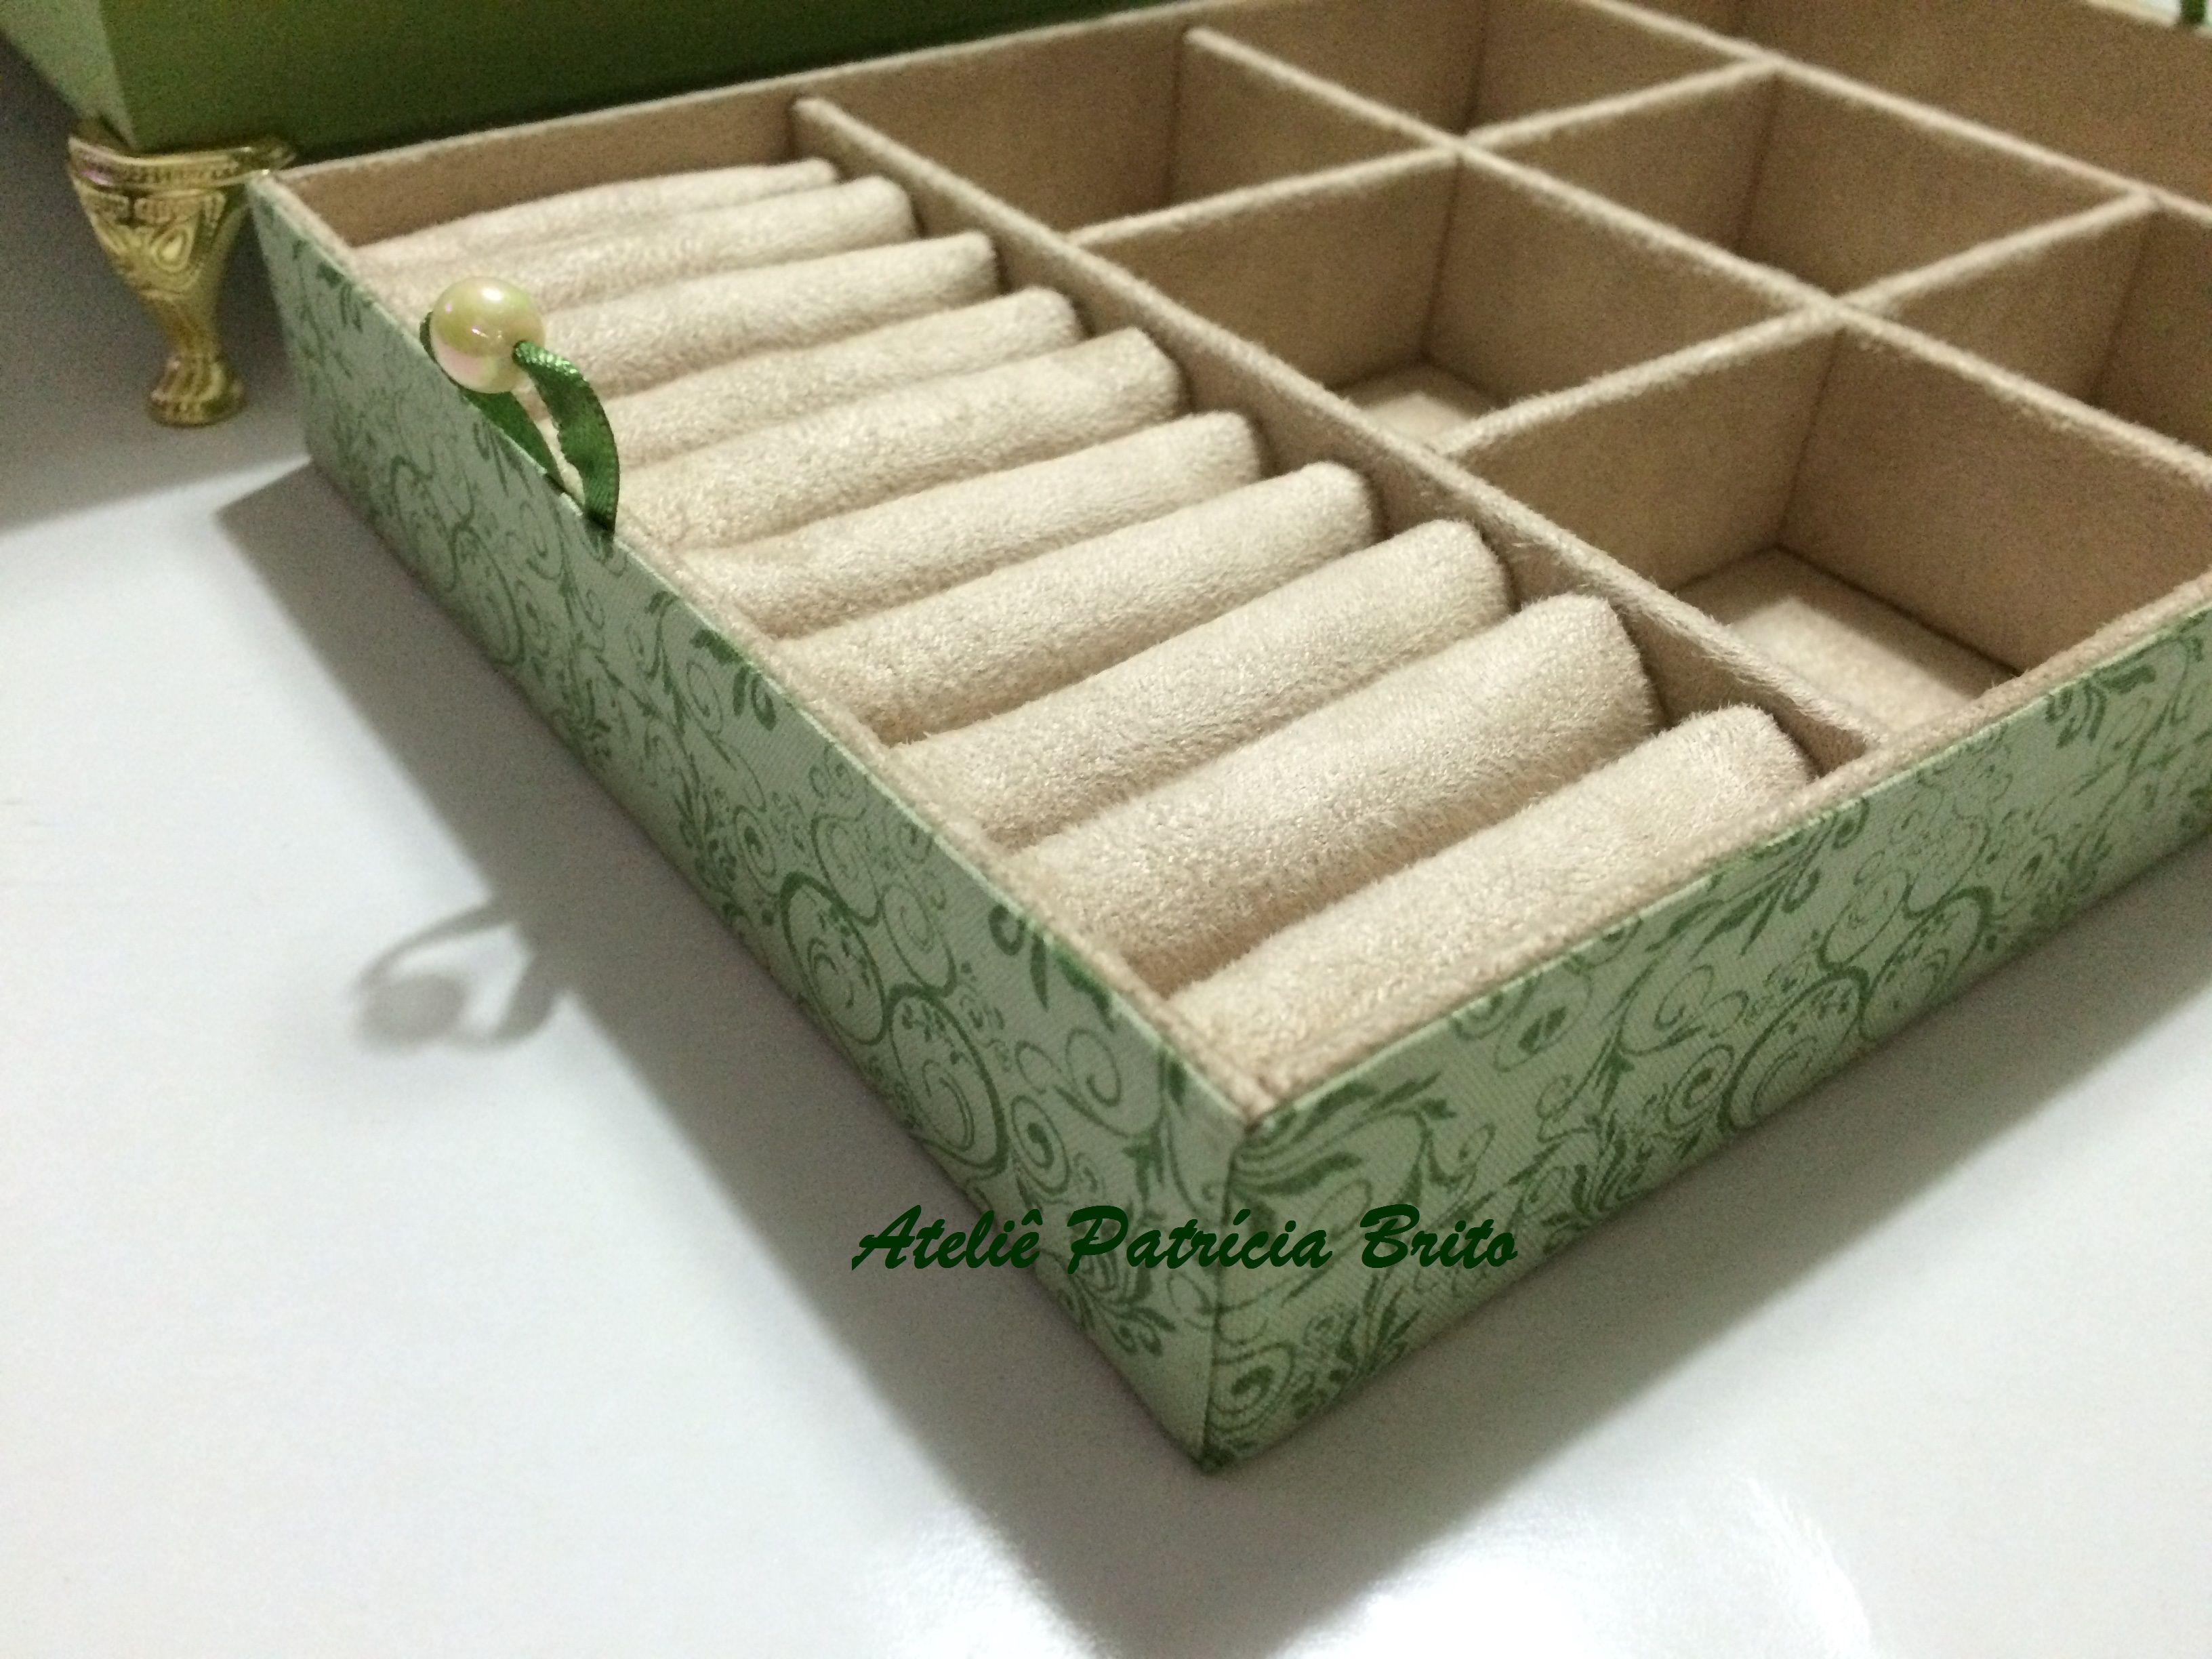 Caixa baú porta-joias com caixa interna e espelho acoplado na tampa com expositor de brinco retrátil - cartonagem com revestimento externo em tecido 100% algodão e interno em tecido suede.